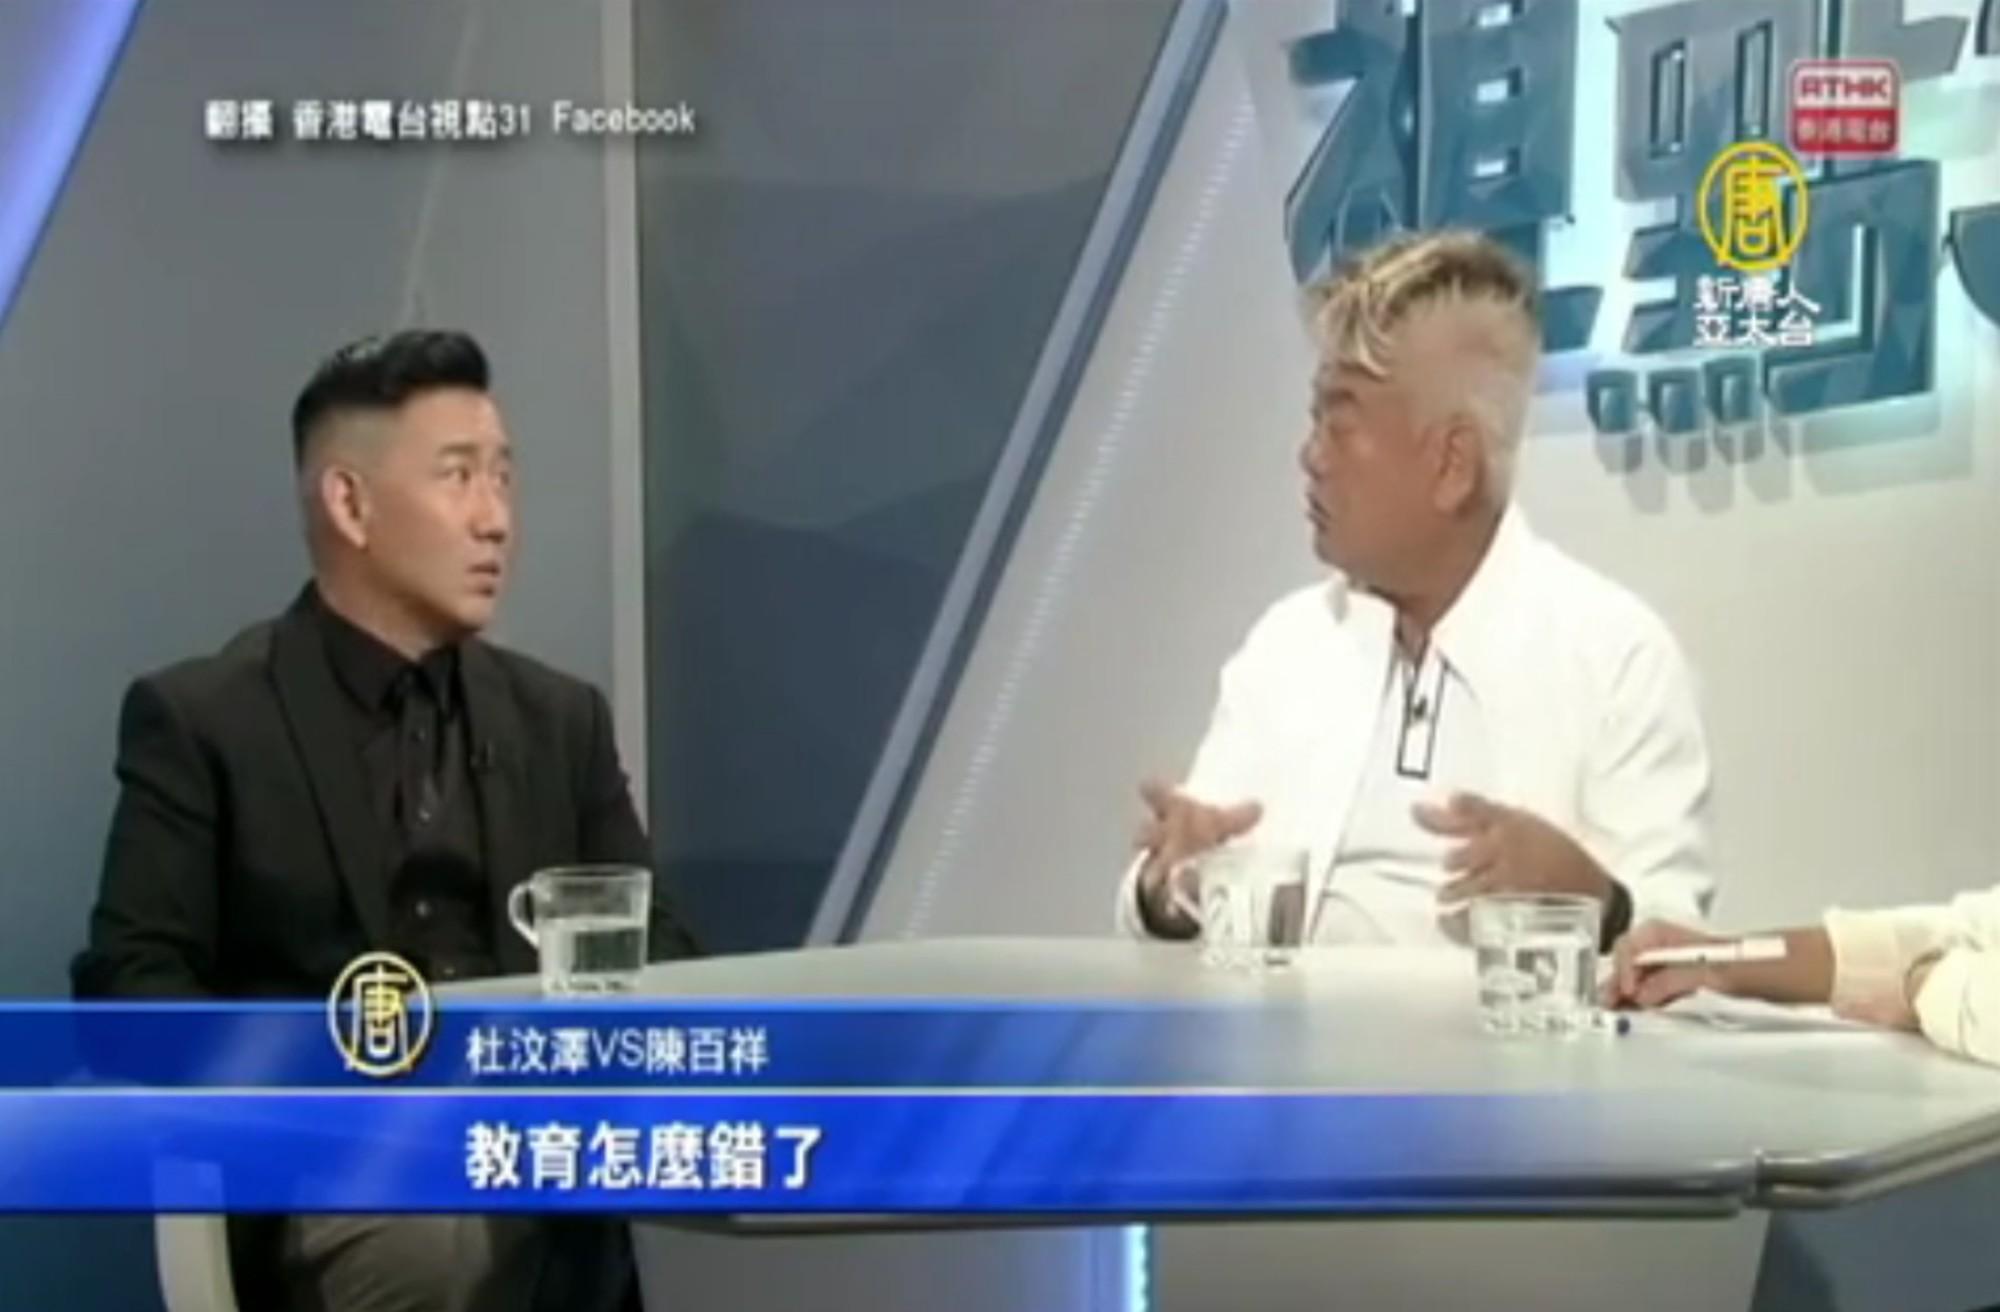 27萬人觀看 杜汶澤與撐警的陳百祥激辯反送中 | 直播 | 辯論 | 大紀元